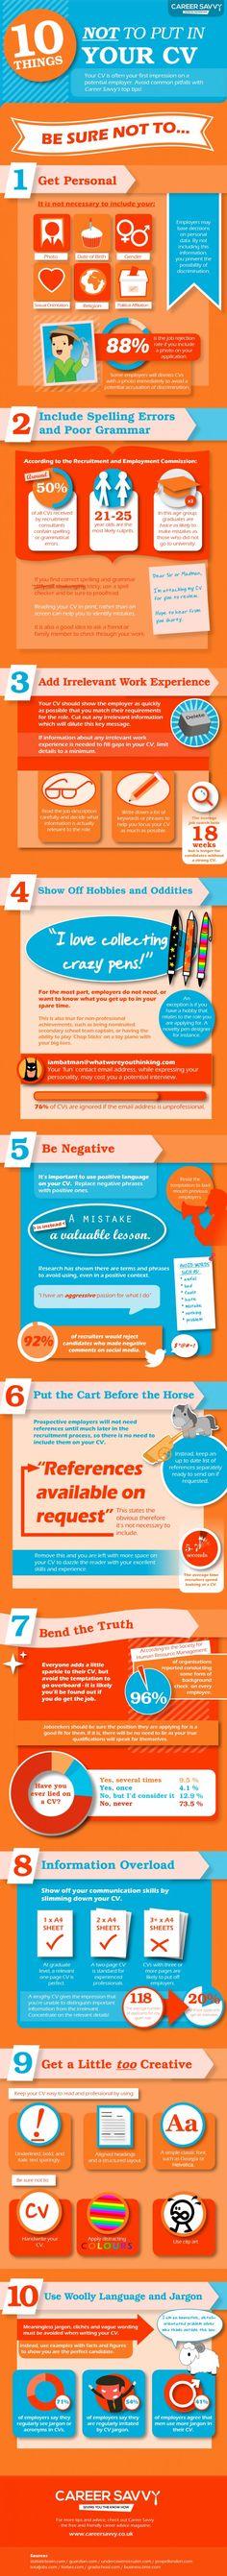 10 erreurs à éviter sur un CV - blog-emploi.com